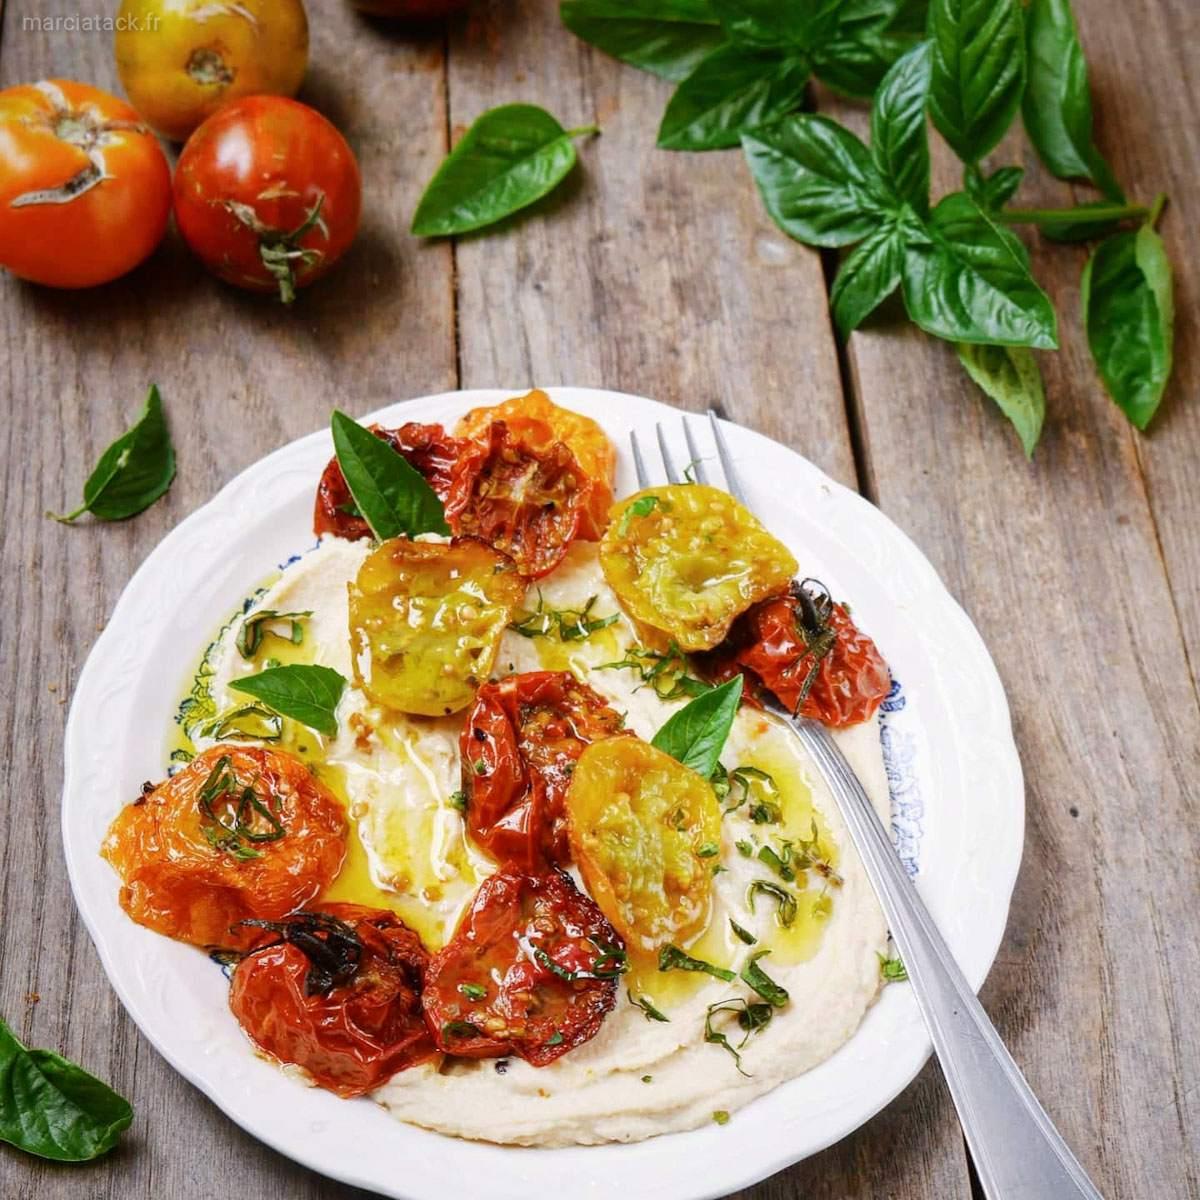 salade de tomates rôties et houmous au basilic